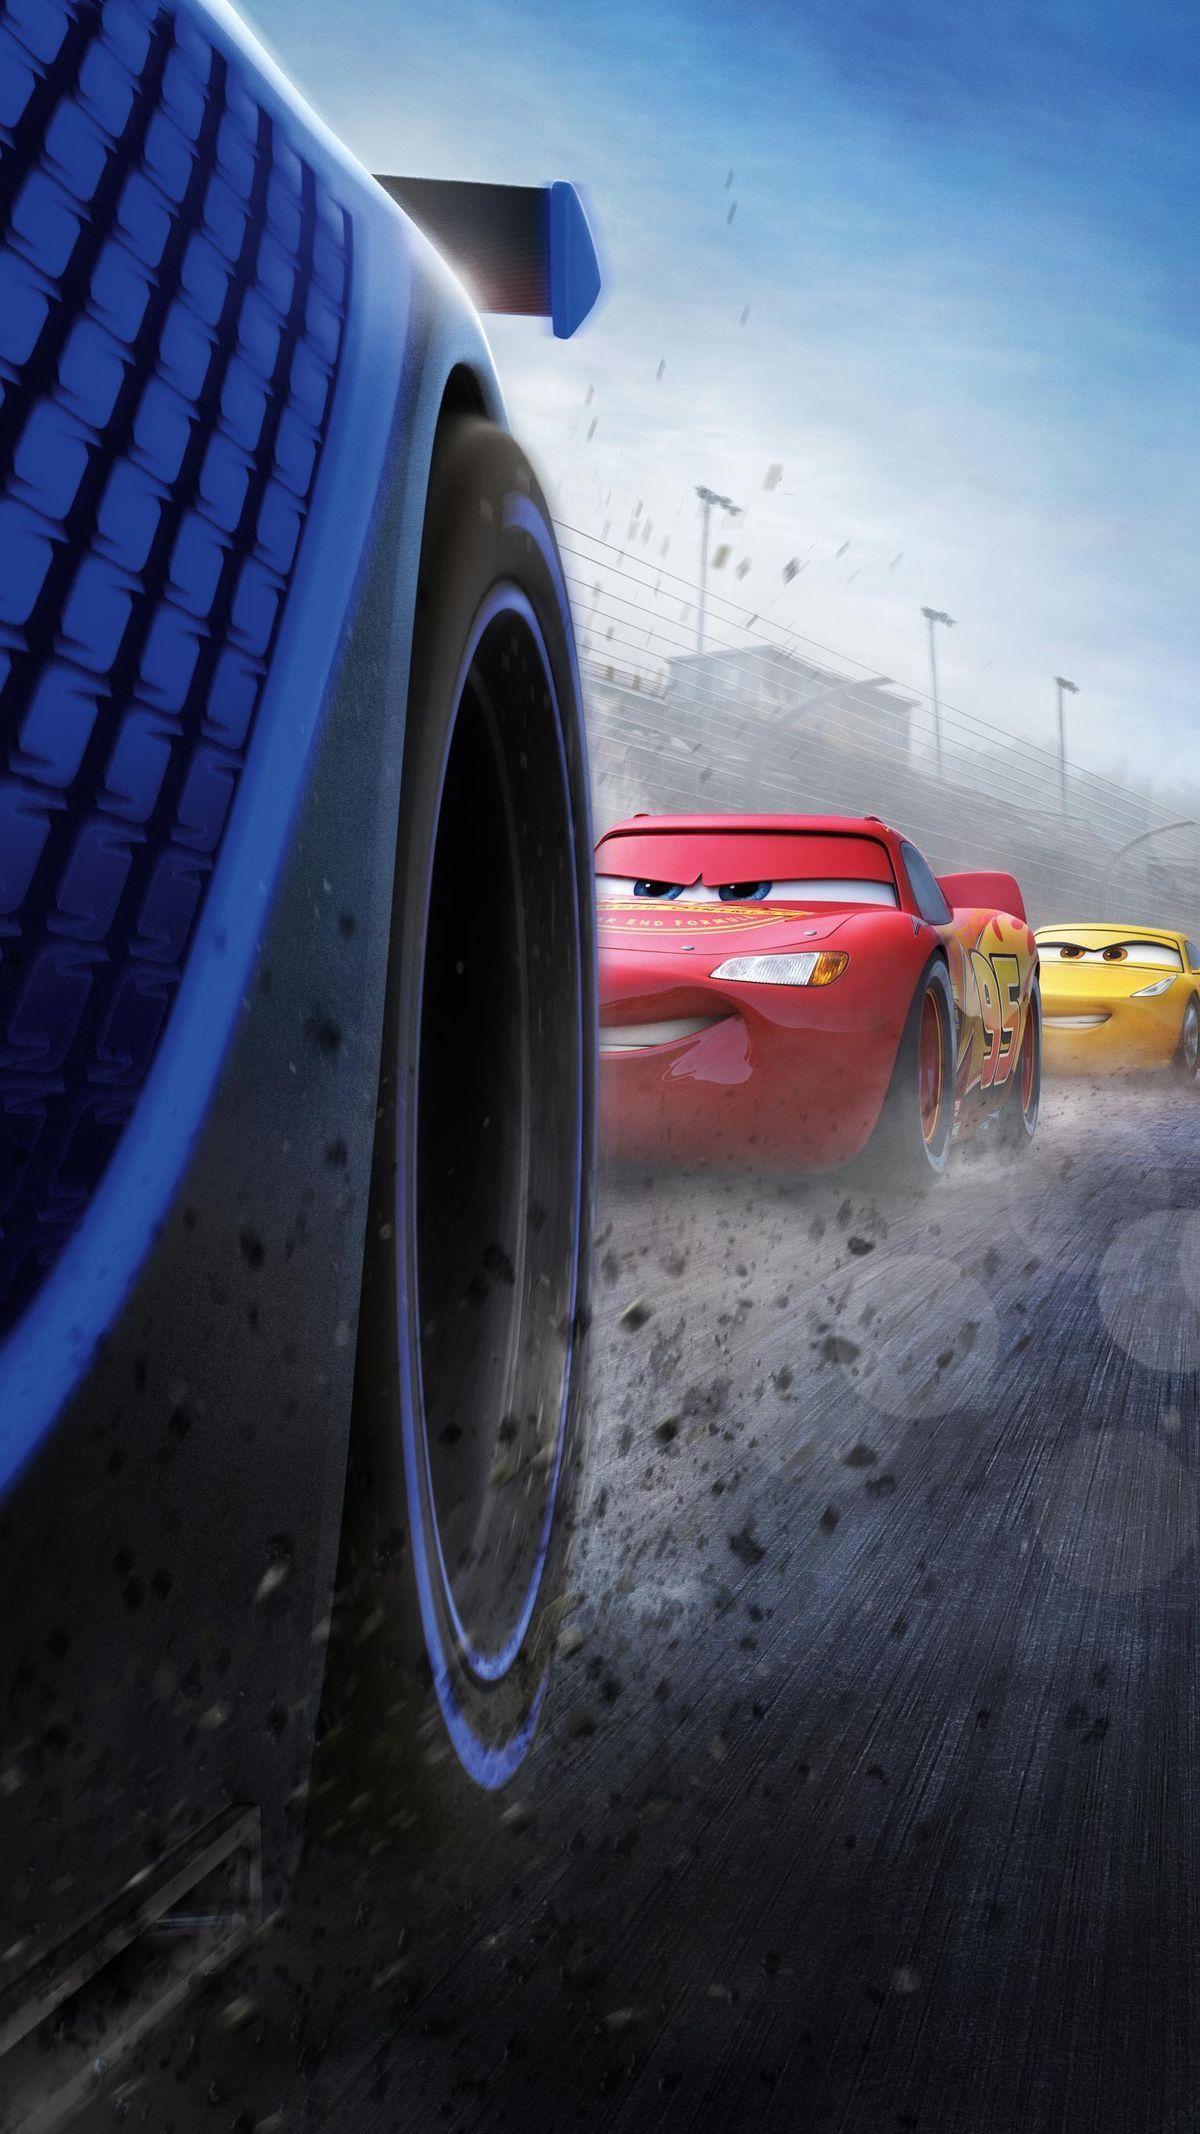 Pin De Farhan Em Art Carros De Cinema Desenho Carros Disney Desenhos De Carros